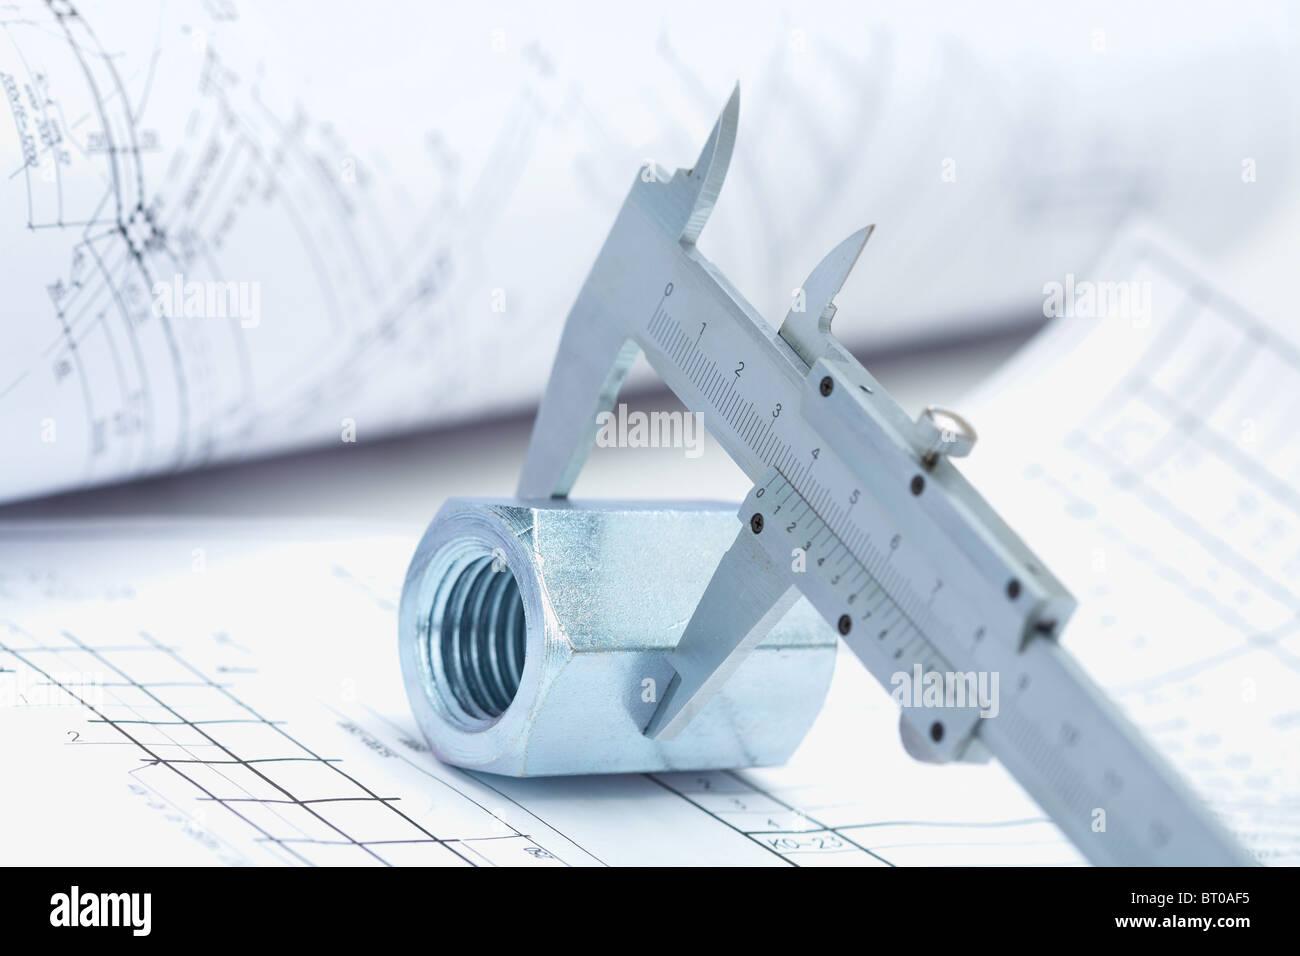 Immagine del righello architettonico sopra il dado con il progetto di casa nelle vicinanze Immagini Stock